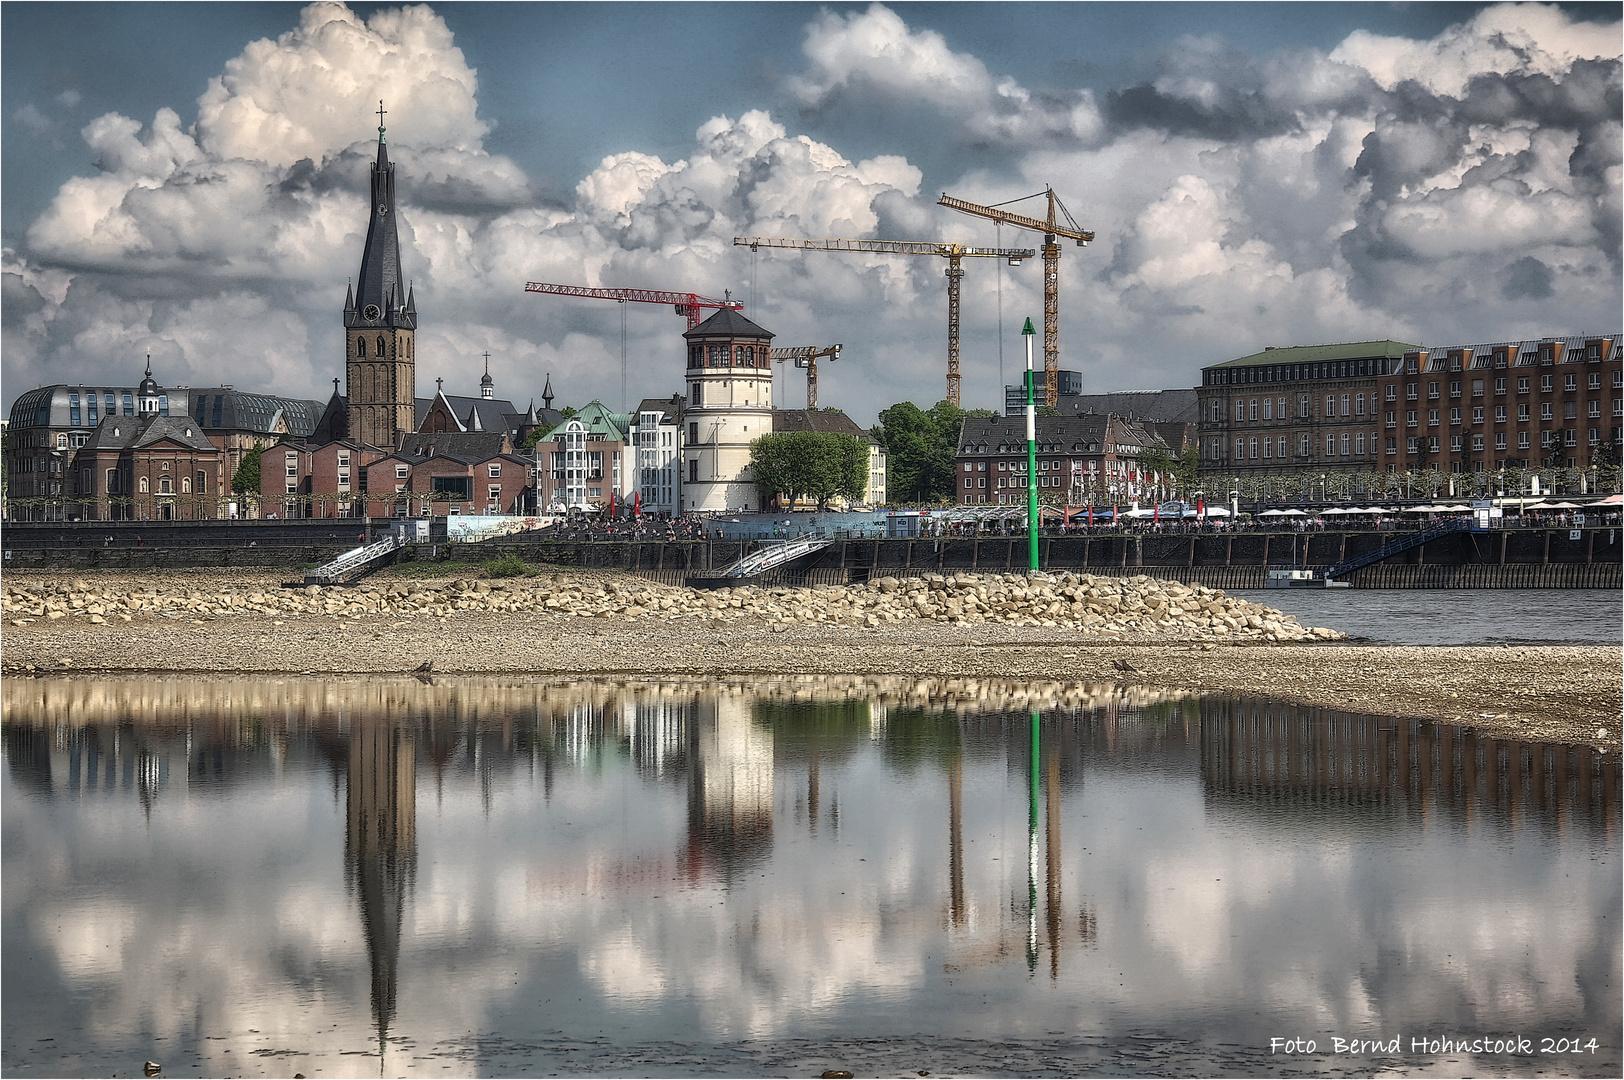 Großbaustelle in der Landeshauptstadt von NRW ....